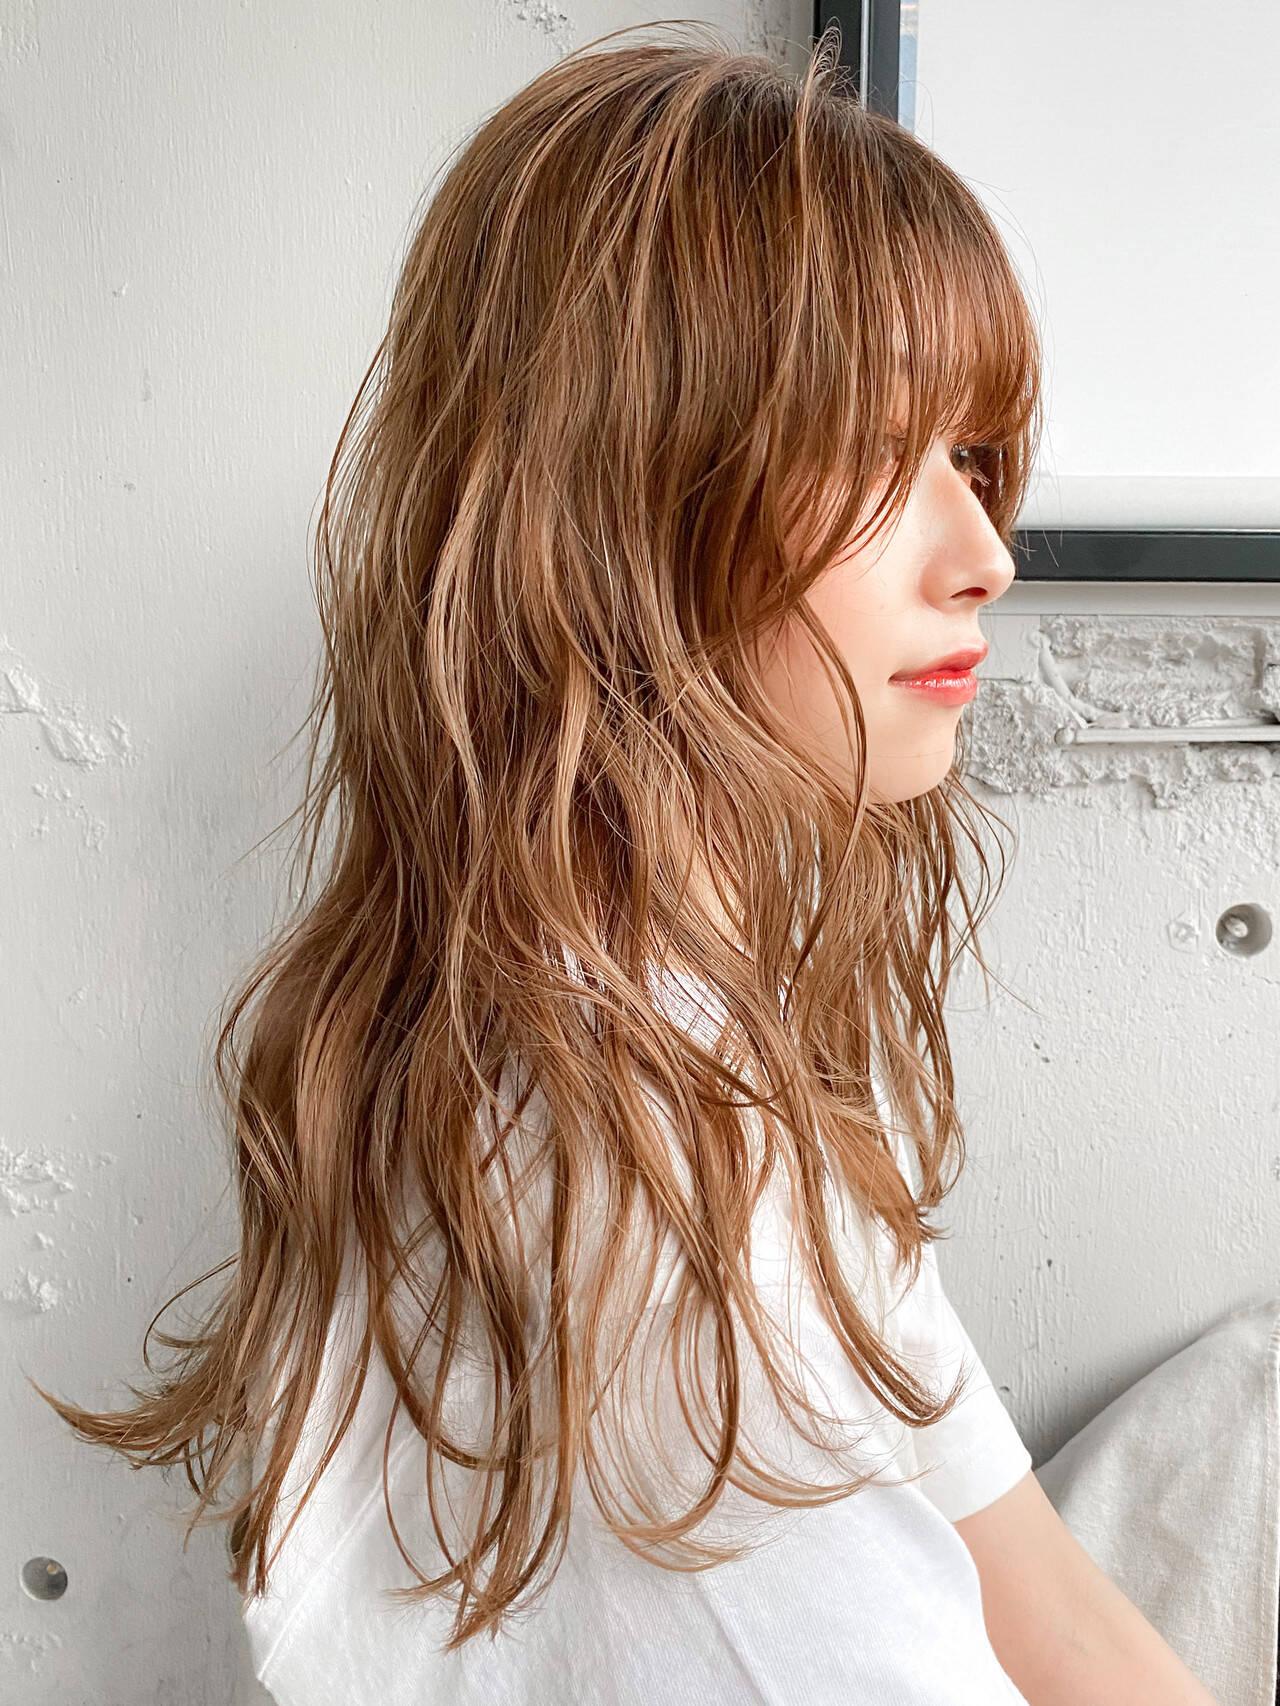 ナチュラル ミディアム デジタルパーマ ゆるふわパーマヘアスタイルや髪型の写真・画像